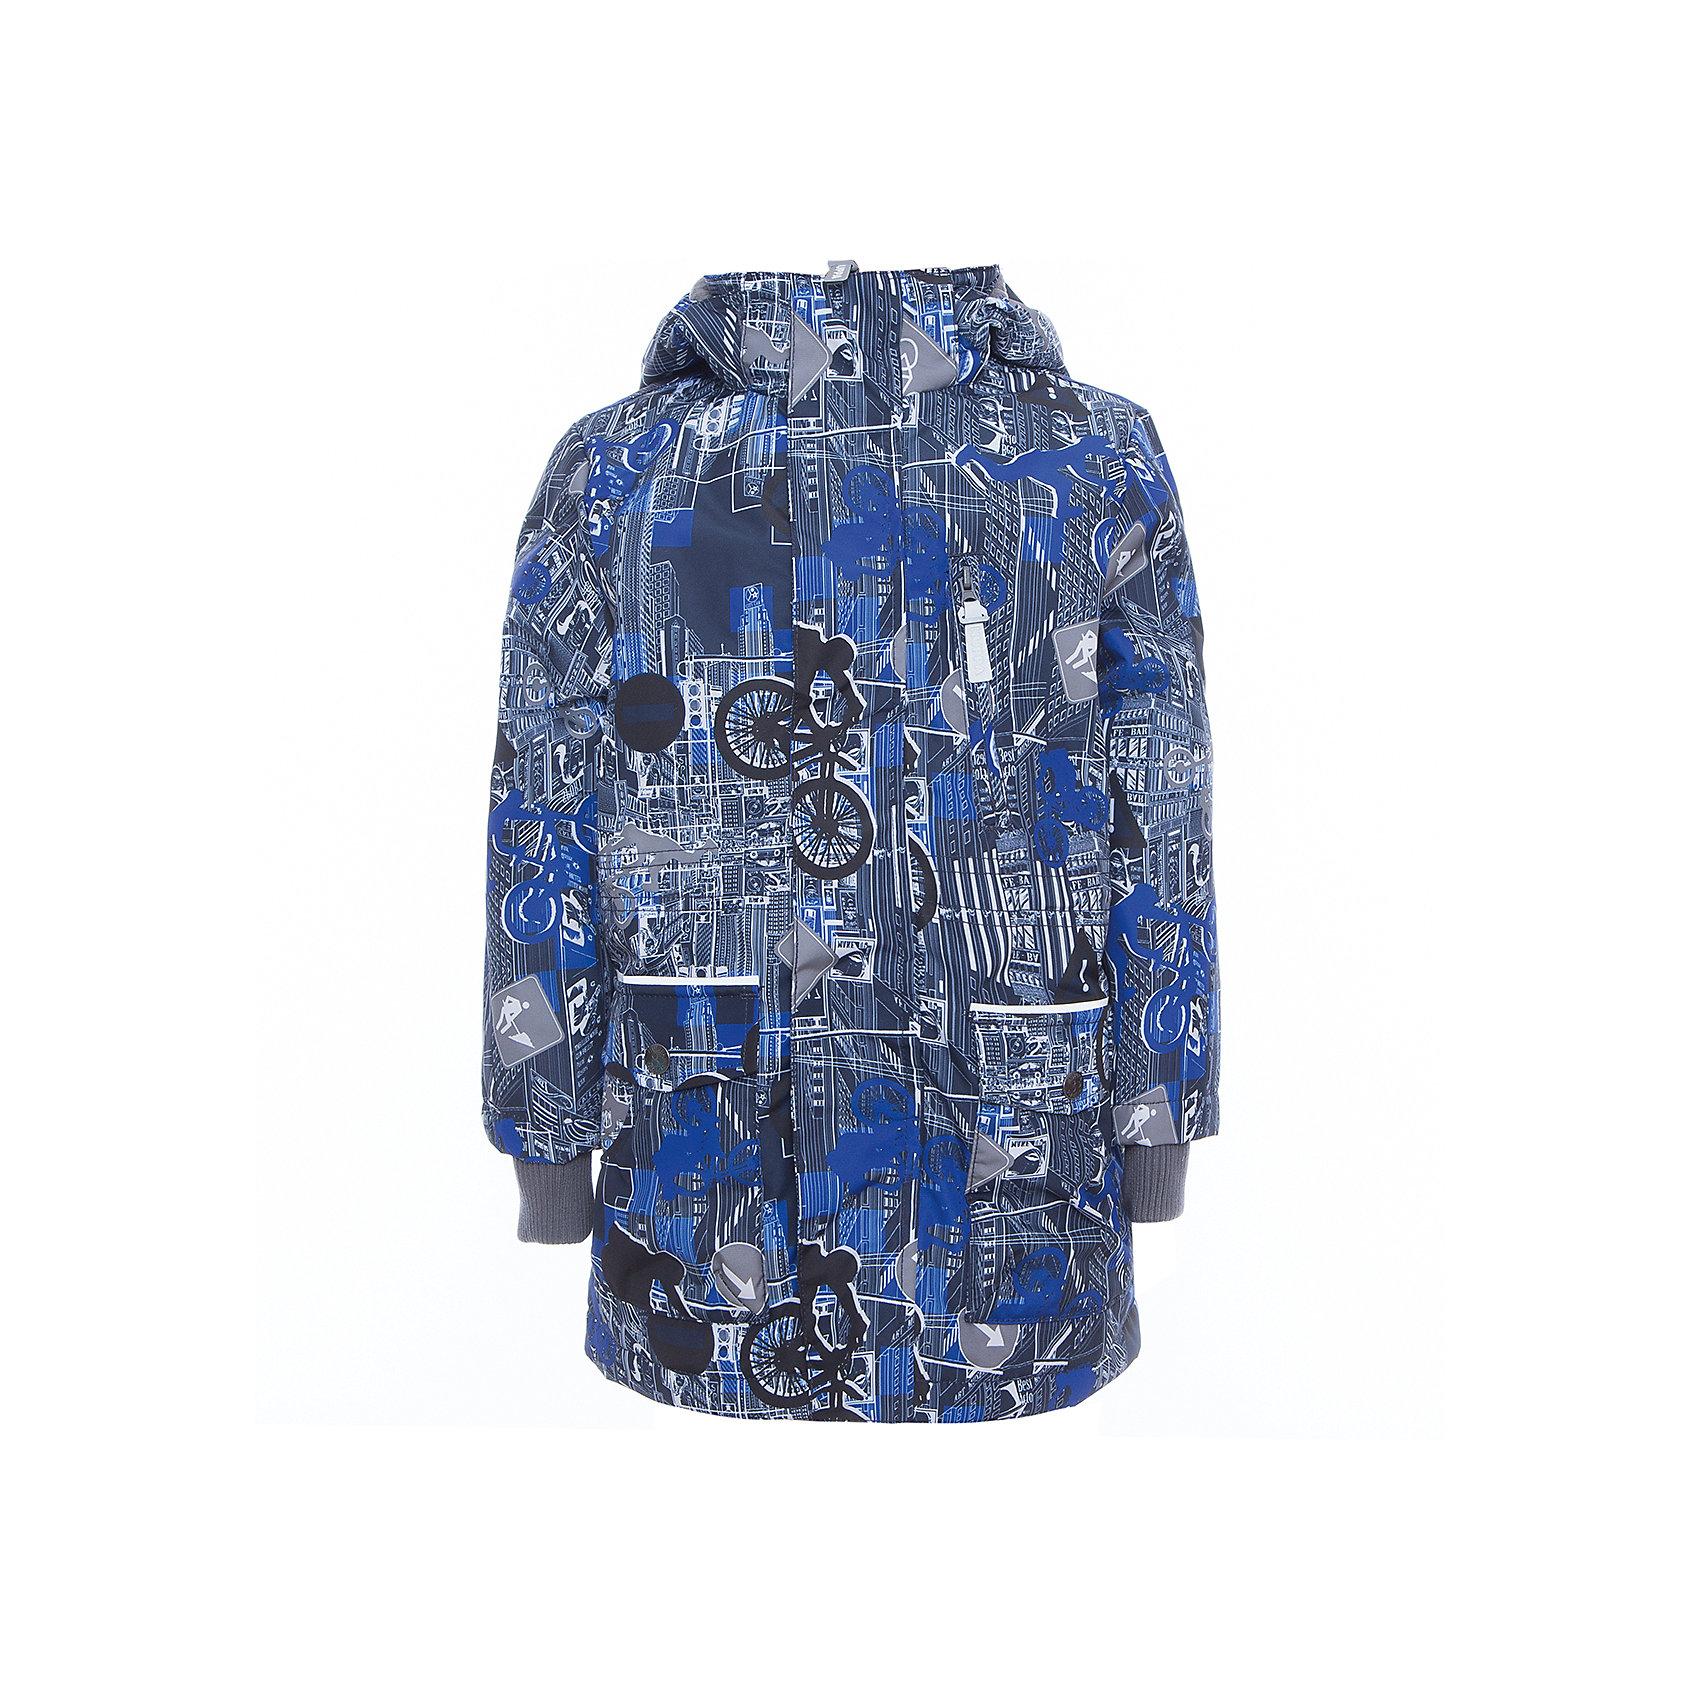 Куртка для мальчика ROLF HuppaДемисезонные куртки<br>Характеристики товара:<br><br>• цвет: синий принт<br>• ткань: 100% полиэстер<br>• подкладка: тафта - 100% полиэстер<br>• утеплитель: 100% полиэстер 100 г<br>• температурный режим: от -5°С до +10°С<br>• водонепроницаемость: 10000 мм<br>• воздухопроницаемость: 10000 мм<br>• светоотражающие детали<br>• эластичные манжеты<br>• молния<br>• плечевые швы проклеены<br>• карманы на молнии<br>• эластичный шнур + фиксатор<br>• съёмный капюшон с резинкой<br>• внутренние вязаные манжеты<br>• комфортная посадка<br>• коллекция: весна-лето 2017<br>• страна бренда: Эстония<br><br>Эта стильная куртка обеспечит детям тепло и комфорт. Она сделана из материала, отталкивающего воду, и дополнено подкладкой с утеплителем, поэтому изделие идеально подходит для межсезонья. Материал изделия - с мембранной технологией: защищая от влаги и ветра, он легко выводит лишнюю влагу наружу. Для удобства сделан капюшон. Куртка очень симпатично смотрится, яркая расцветка и крой добавляют ему оригинальности. Модель была разработана специально для детей.<br><br>Одежда и обувь от популярного эстонского бренда Huppa - отличный вариант одеть ребенка можно и комфортно. Вещи, выпускаемые компанией, качественные, продуманные и очень удобные. Для производства изделий используются только безопасные для детей материалы. Продукция от Huppa порадует и детей, и их родителей!<br><br>Куртку для мальчика ROLF от бренда Huppa (Хуппа) можно купить в нашем интернет-магазине.<br><br>Ширина мм: 356<br>Глубина мм: 10<br>Высота мм: 245<br>Вес г: 519<br>Цвет: синий<br>Возраст от месяцев: 36<br>Возраст до месяцев: 48<br>Пол: Мужской<br>Возраст: Детский<br>Размер: 104,158,110,116,122,128,134,140,146,152<br>SKU: 5347099